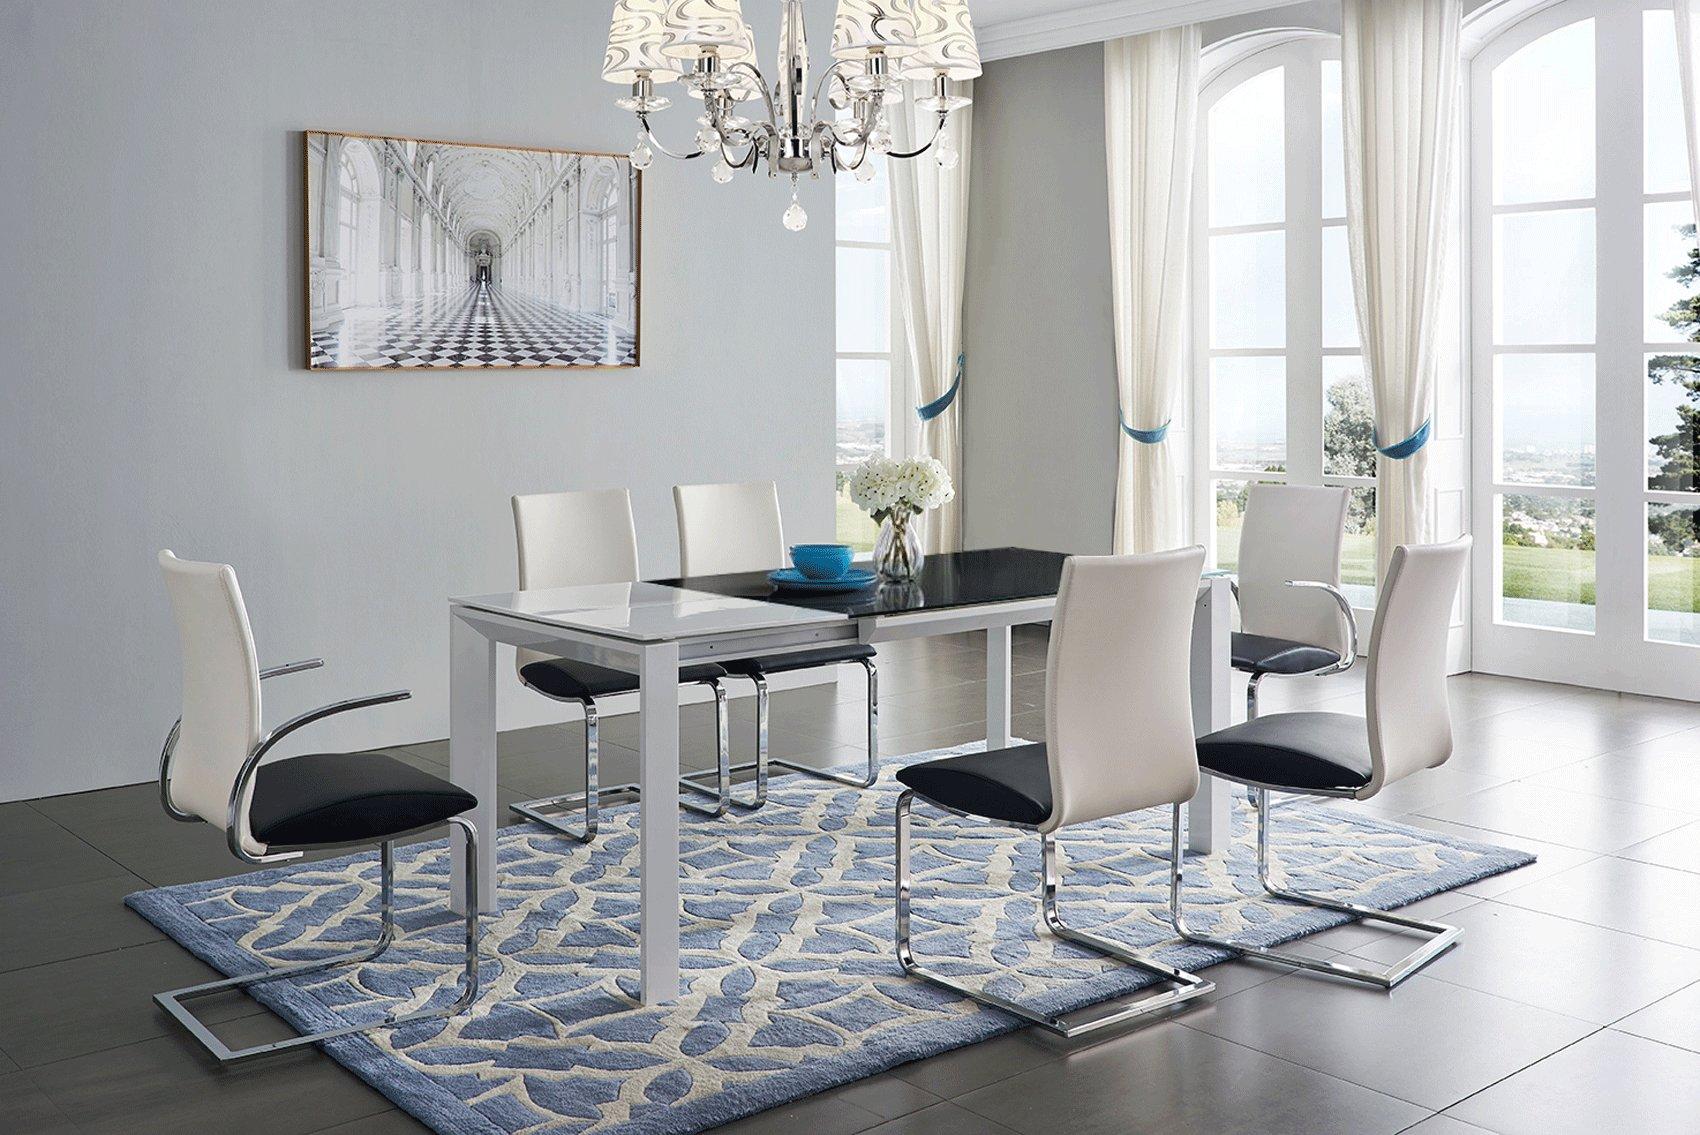 High Class Rectangular Glass Top Dining Furniture Set